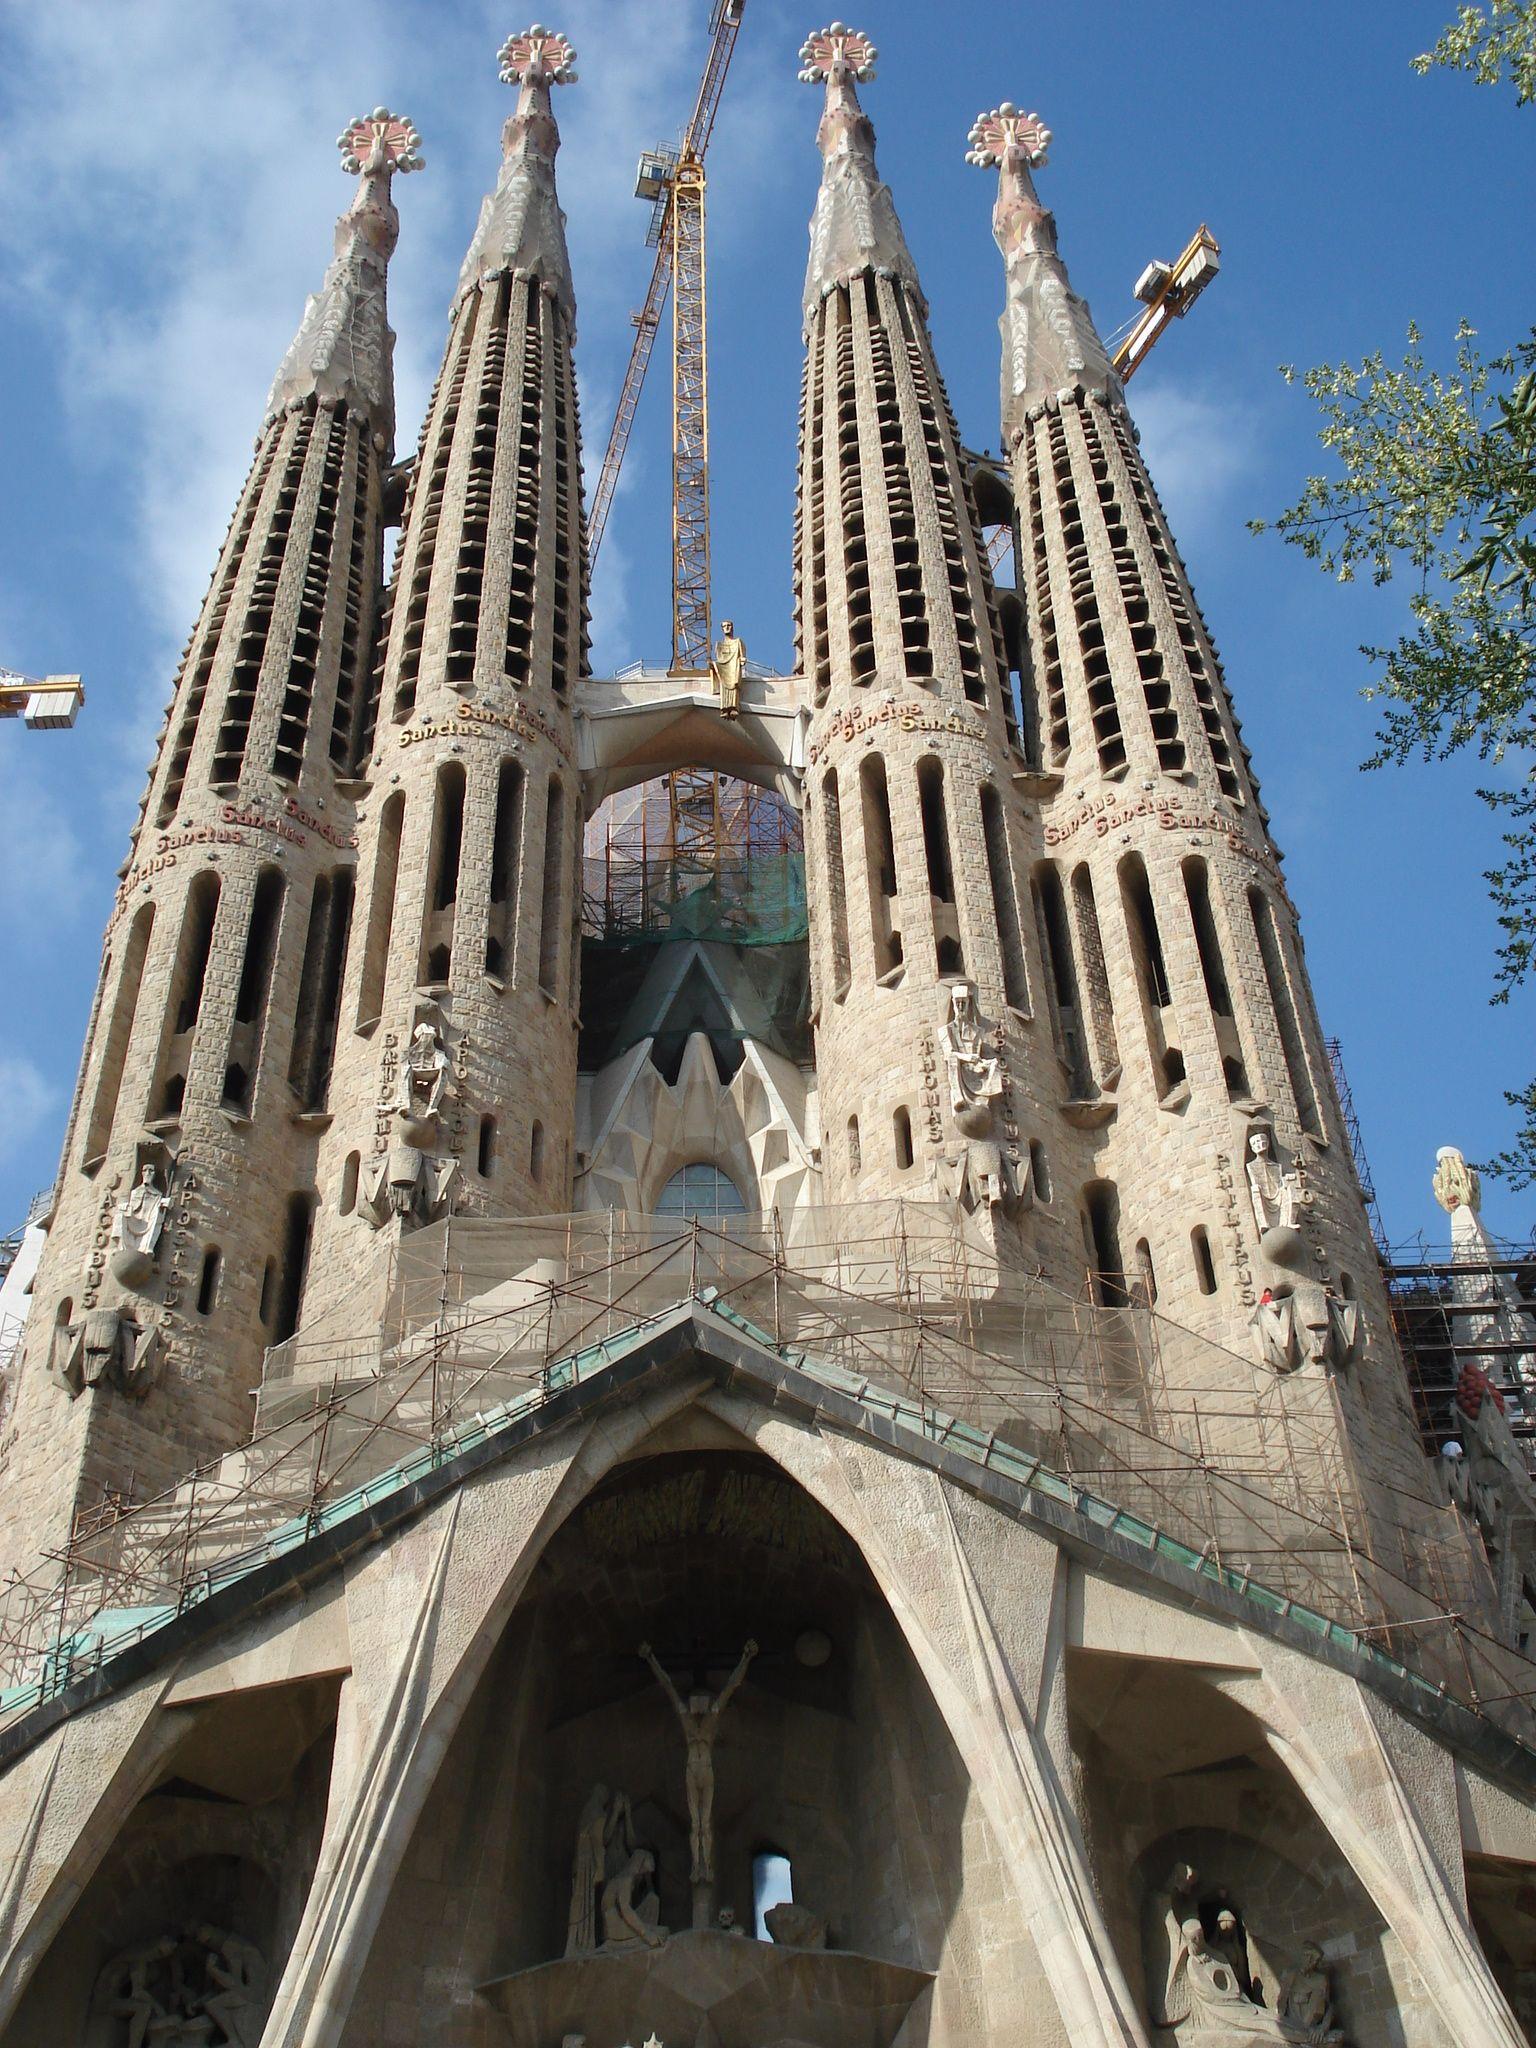 Bas lica de la sagrada fam lia in barcelona espa a for La sagrada familia church